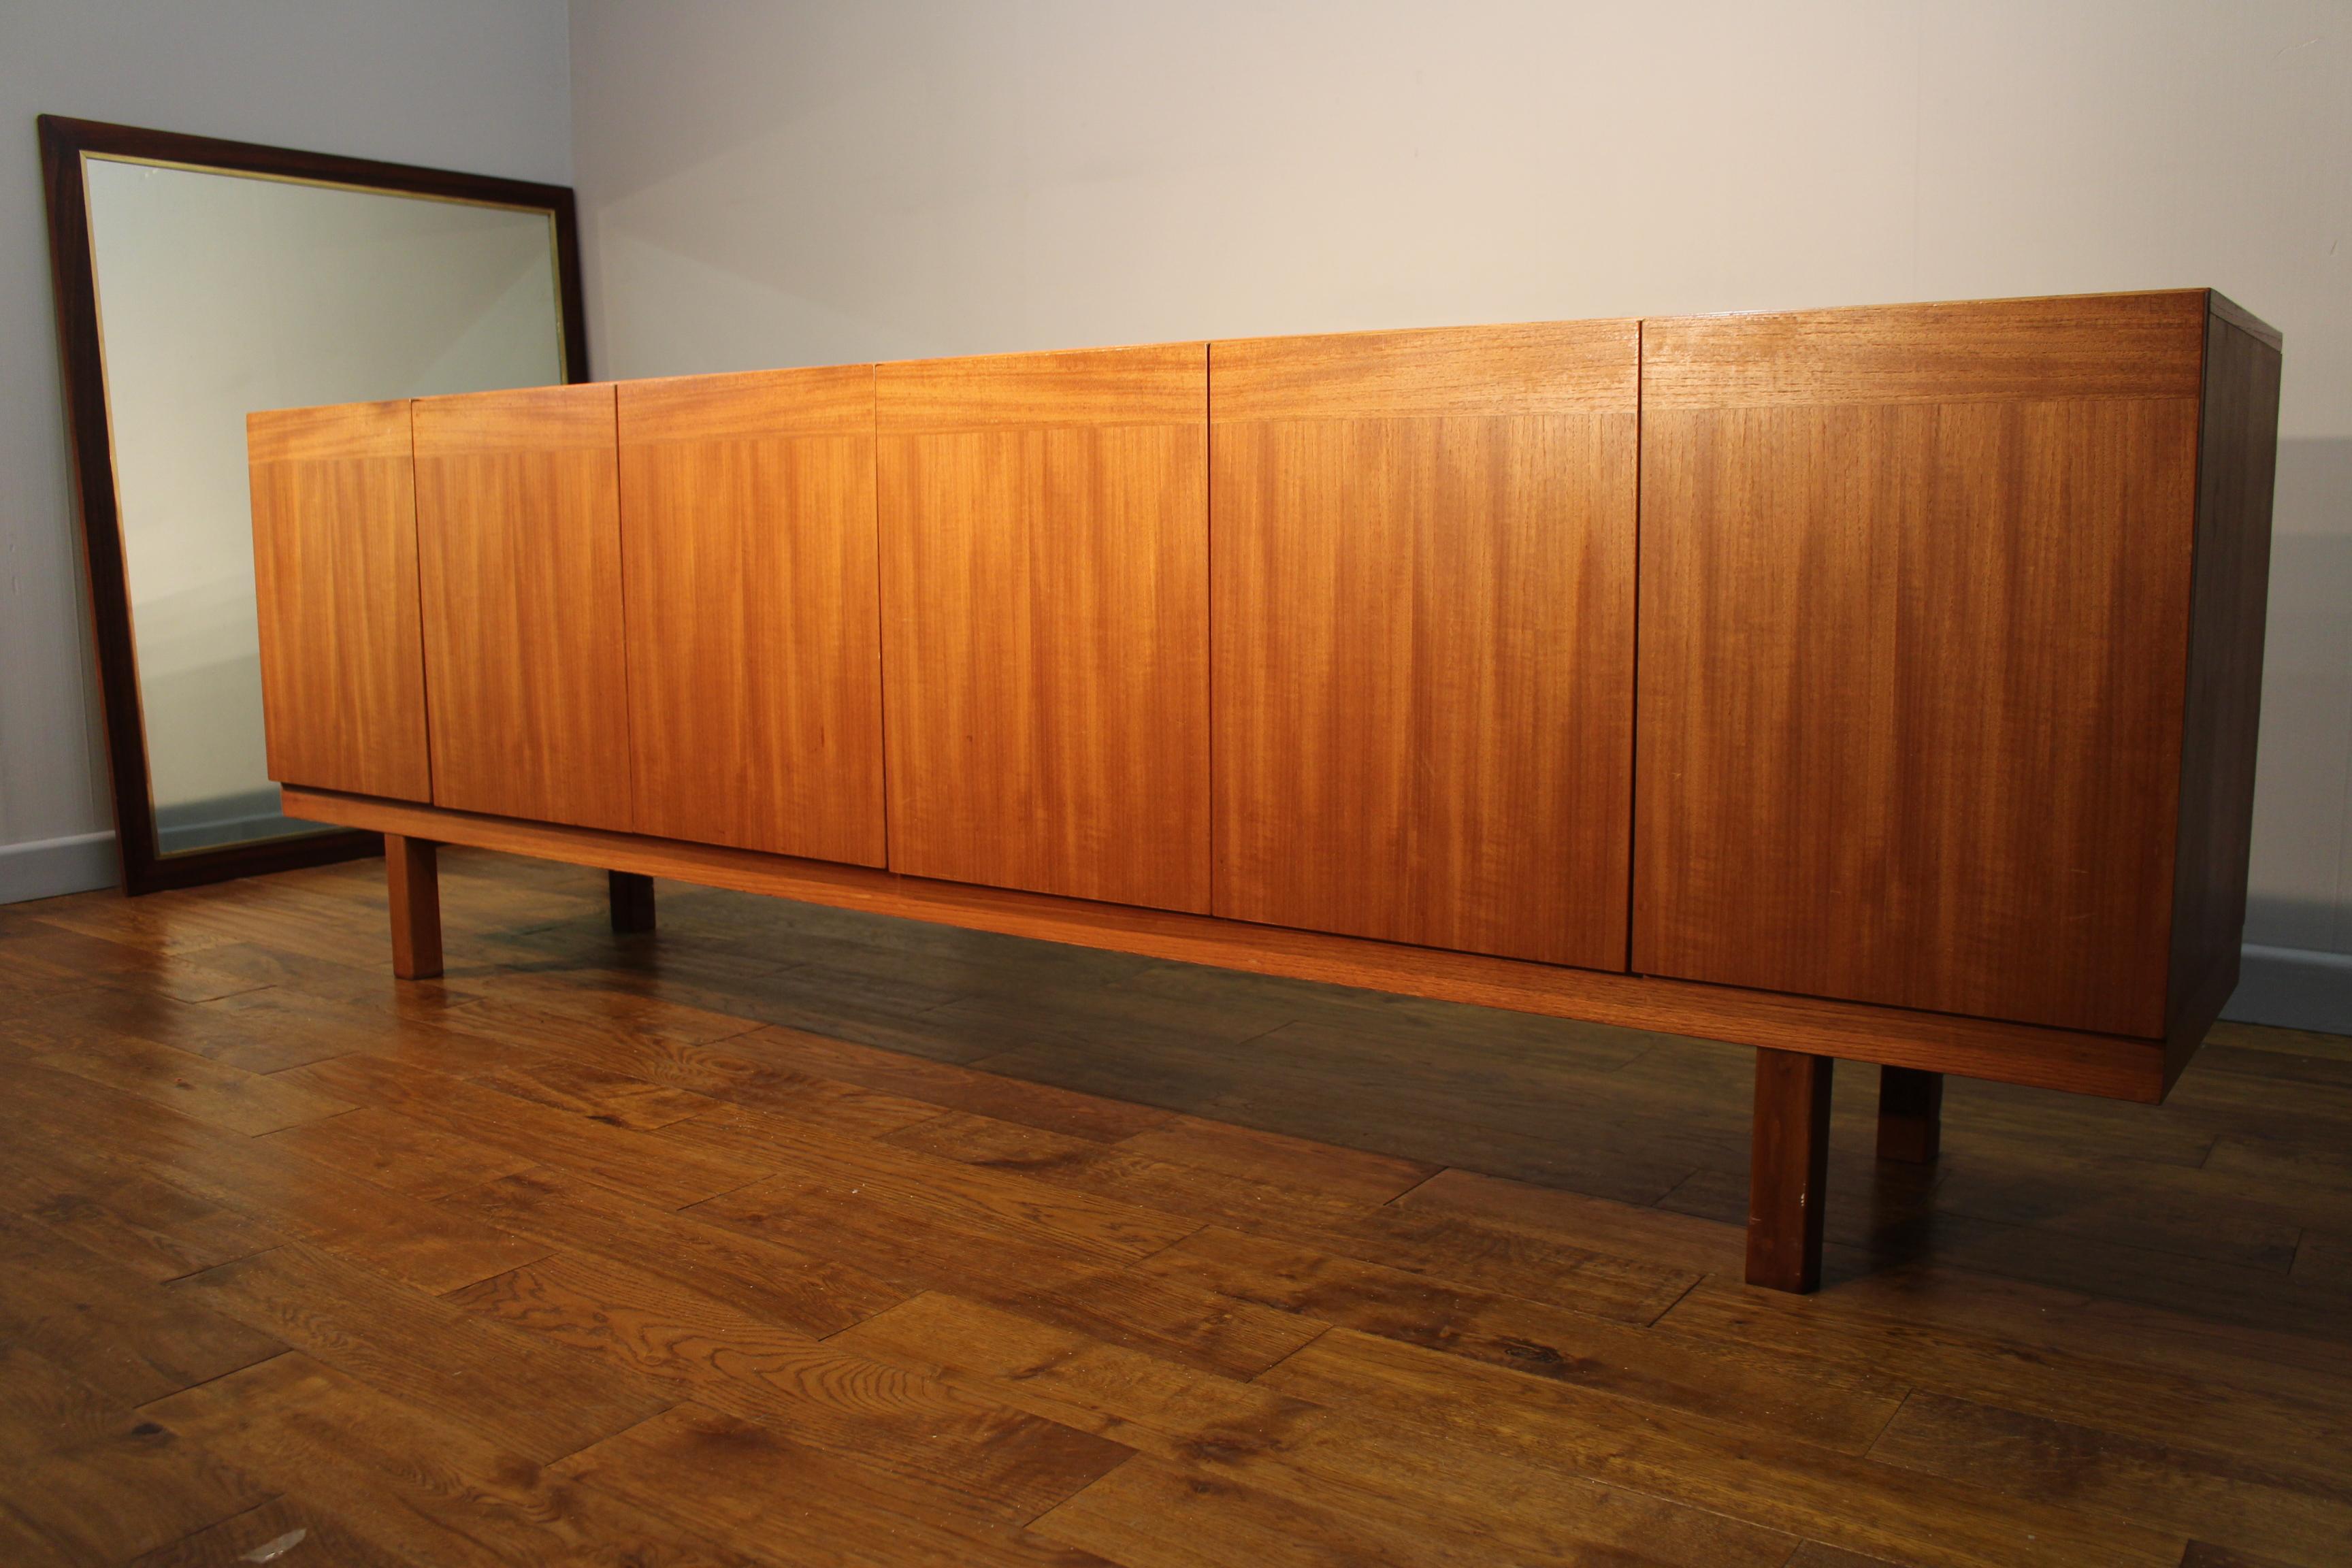 ib kofod larsen design teak sideboard by seffle pure imagination. Black Bedroom Furniture Sets. Home Design Ideas